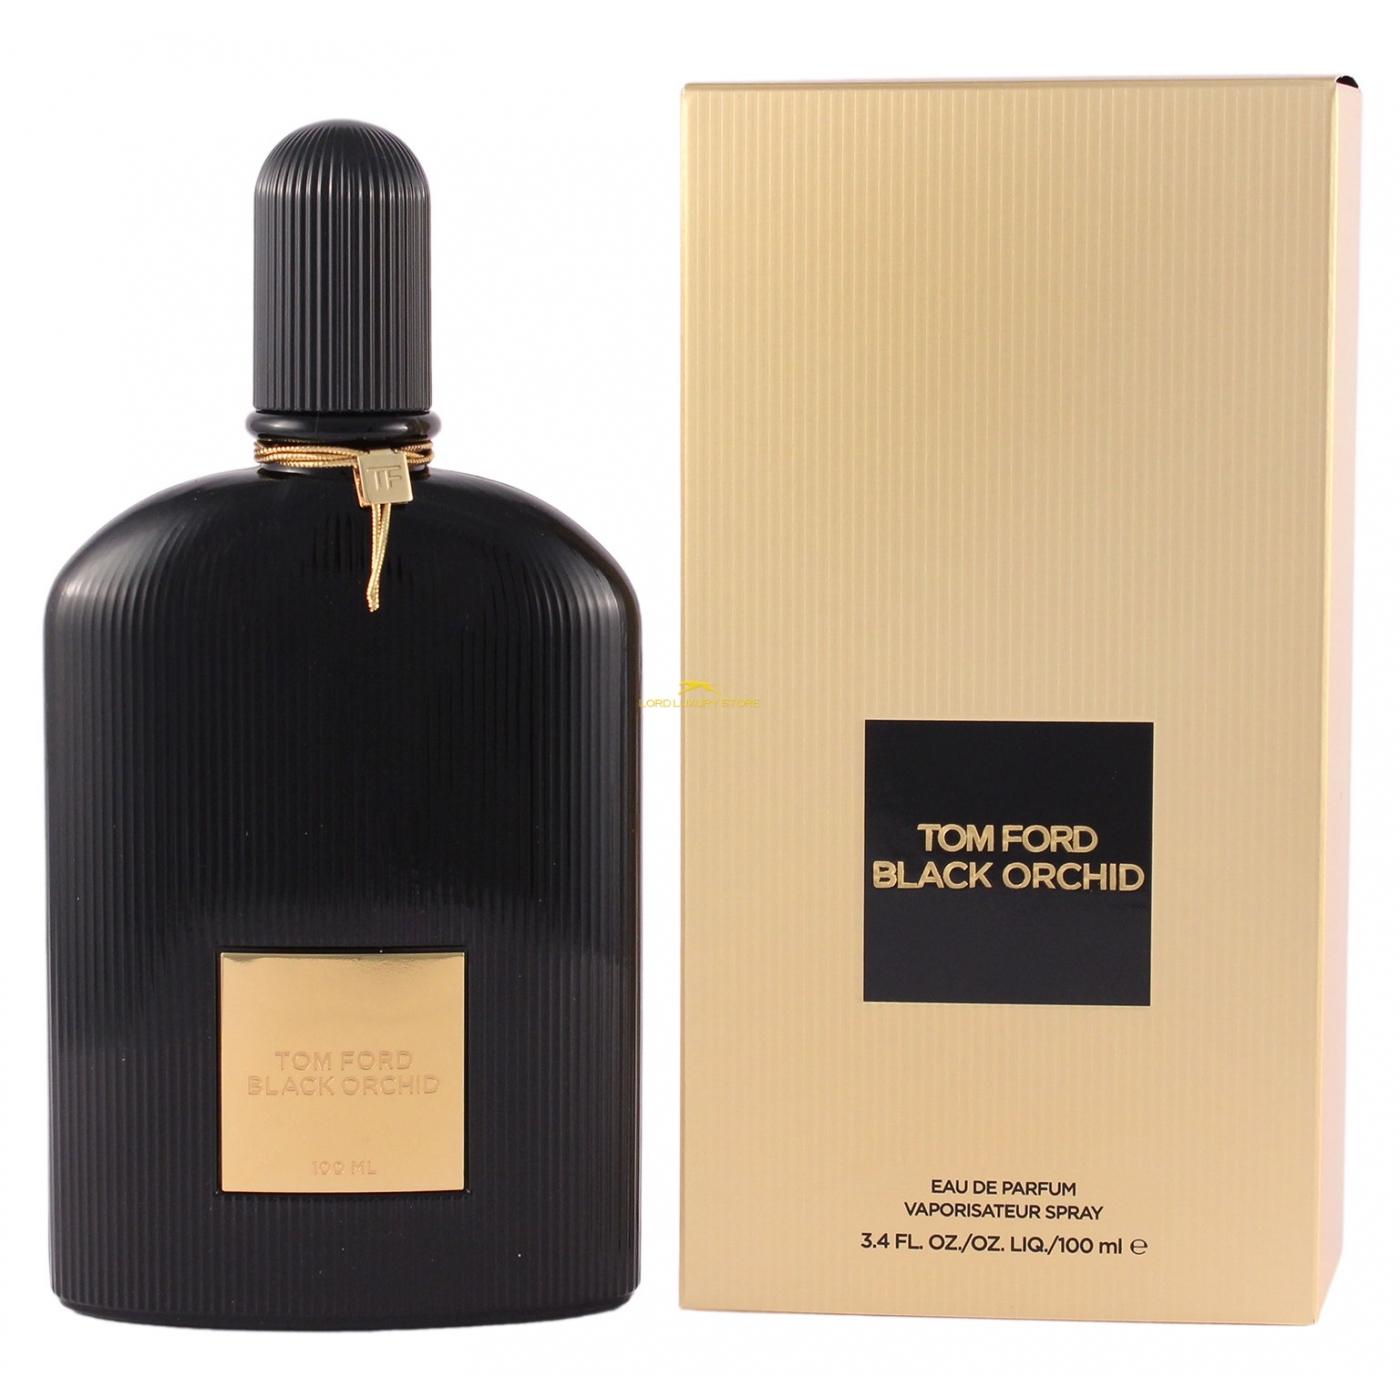 tom ford black orchid eau de parfum 100ml ebay. Black Bedroom Furniture Sets. Home Design Ideas